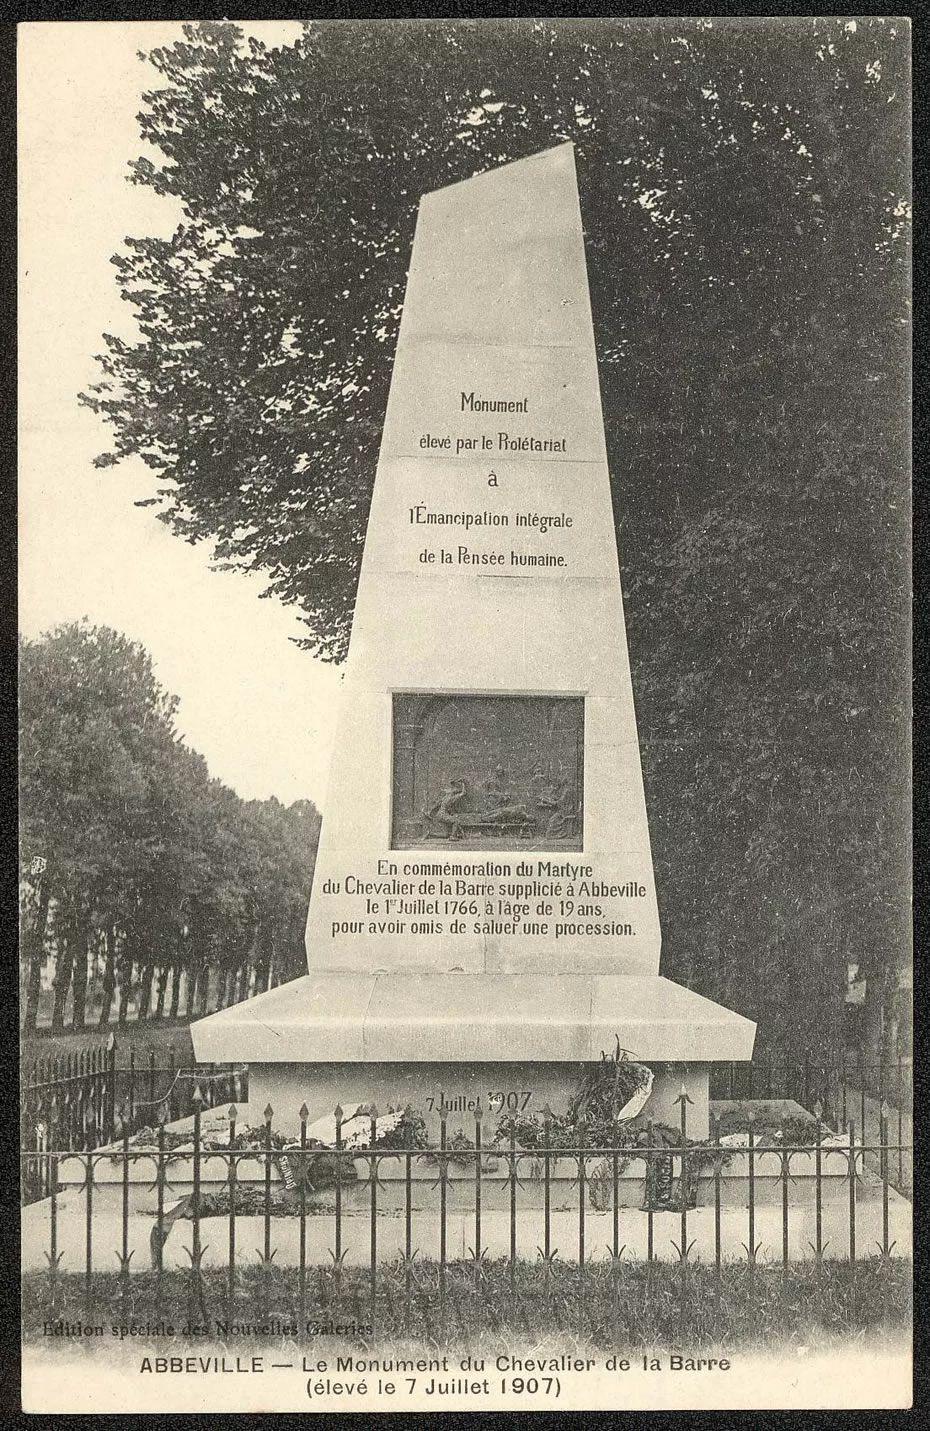 Carte postale du monument commémoratif du Chevalier de La Barre, à Abbeville. • © Archives municipales d'Abbeville